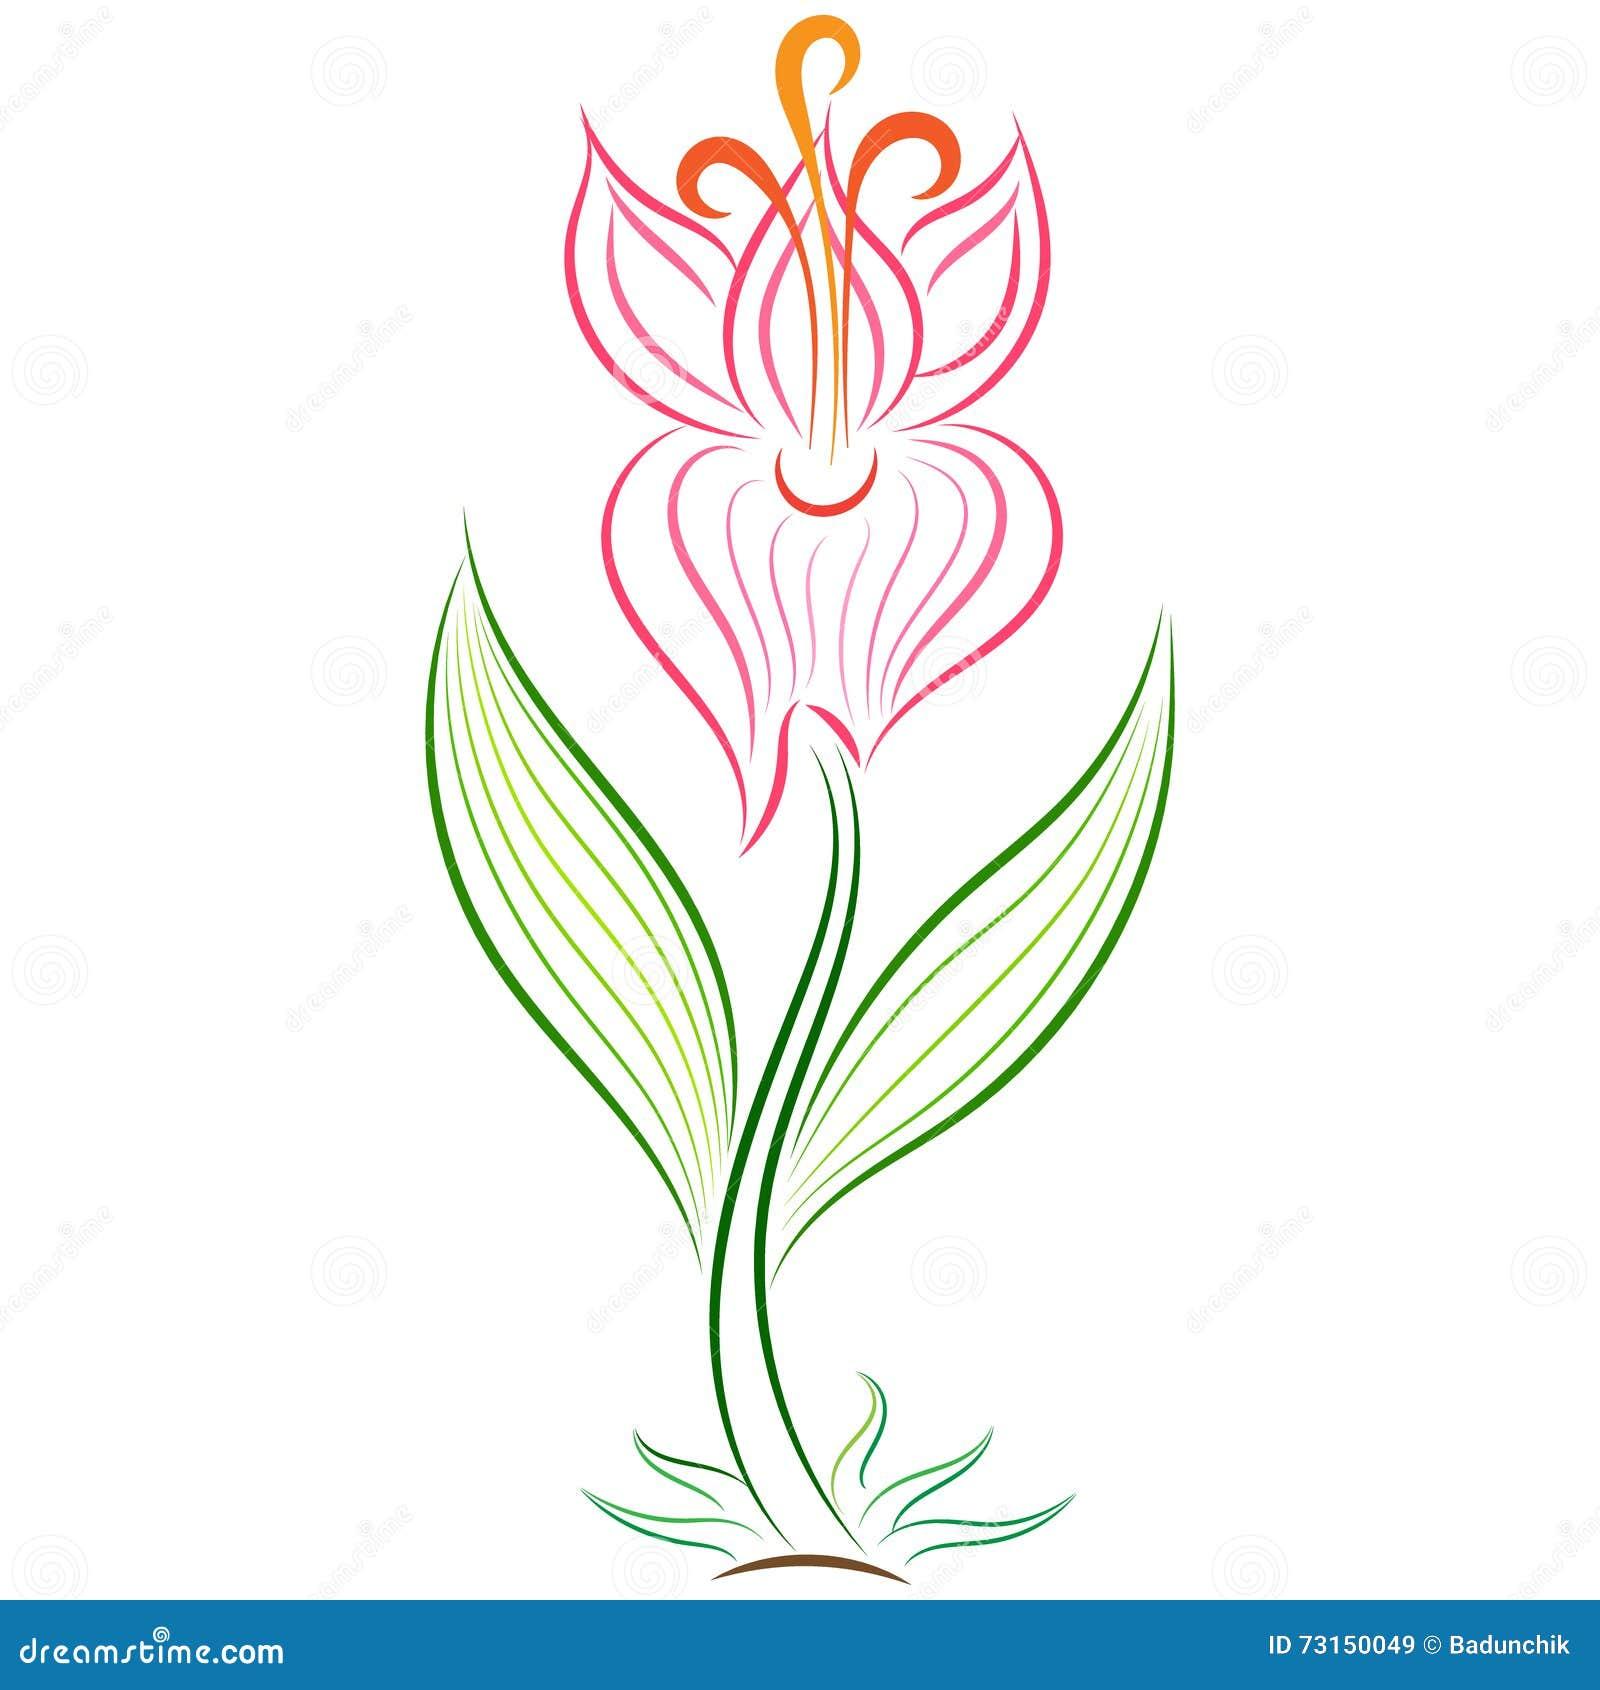 Floral Wallpaper Motifs for Spring